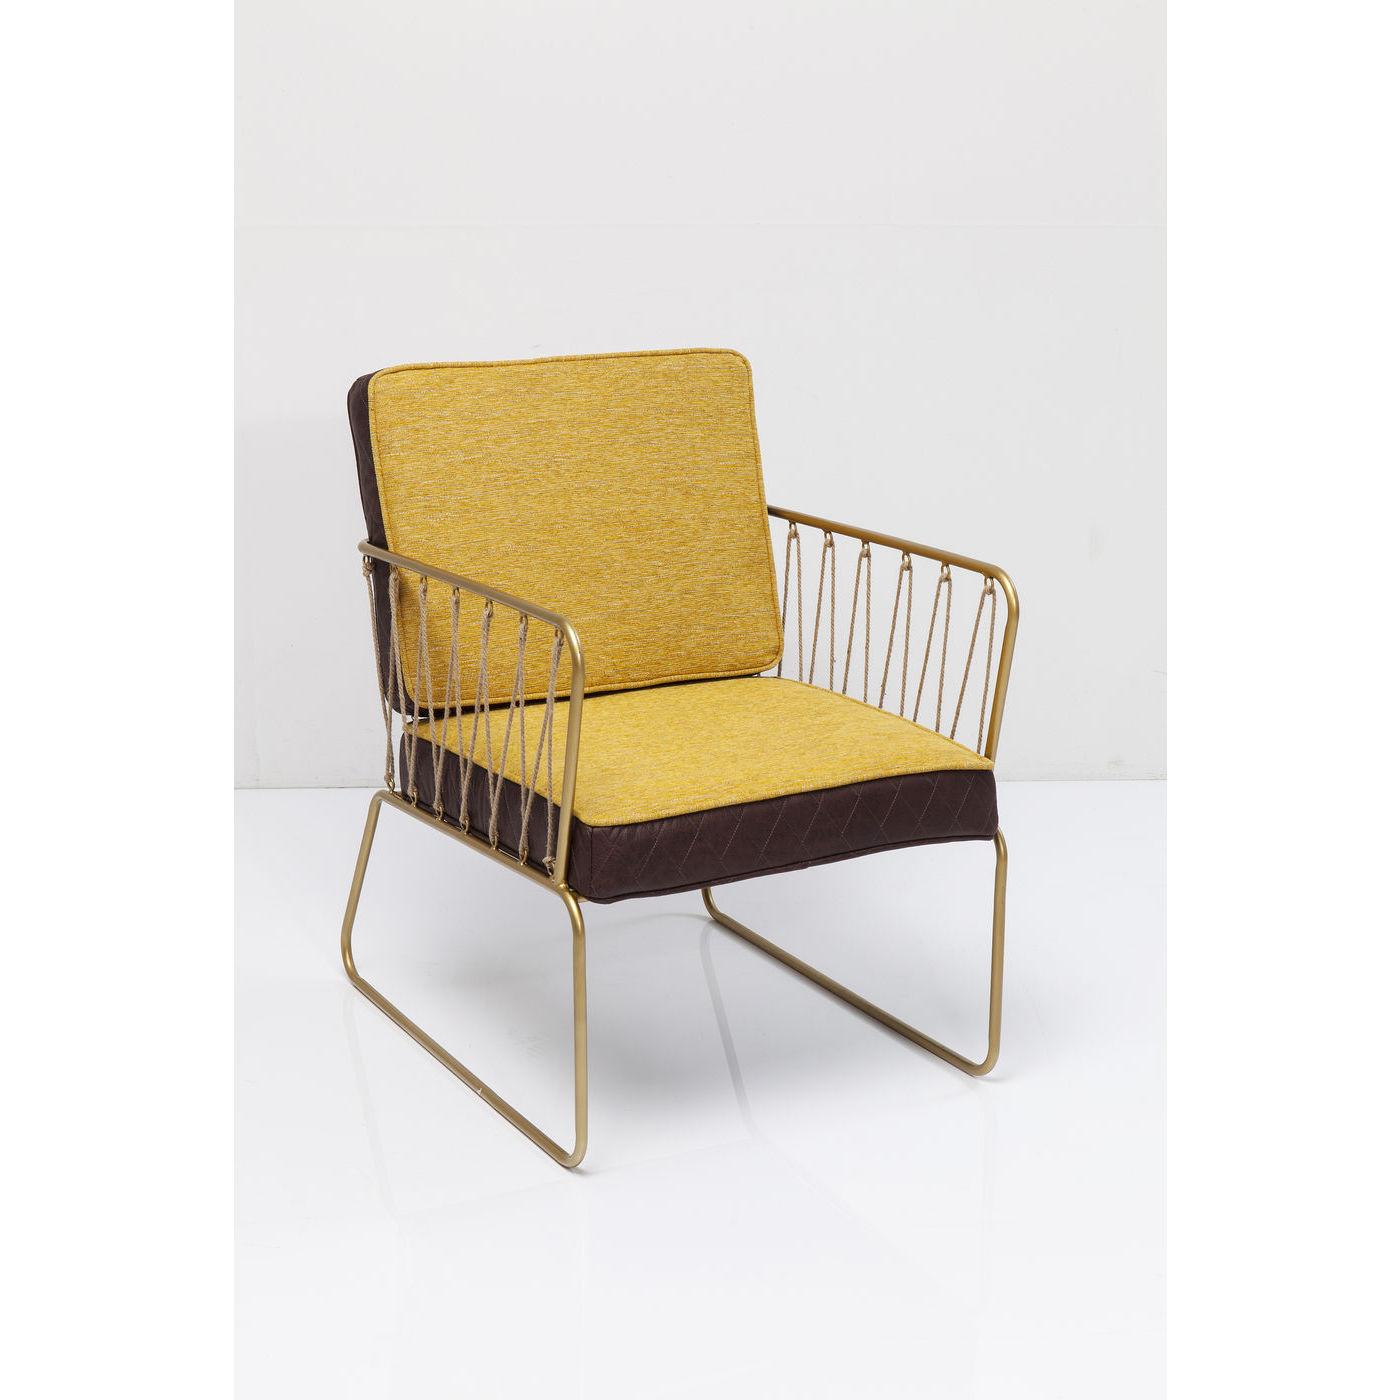 KARE DESIGN String Yellow lænestol - gult/brunt stof og guld stål, m. armlæn